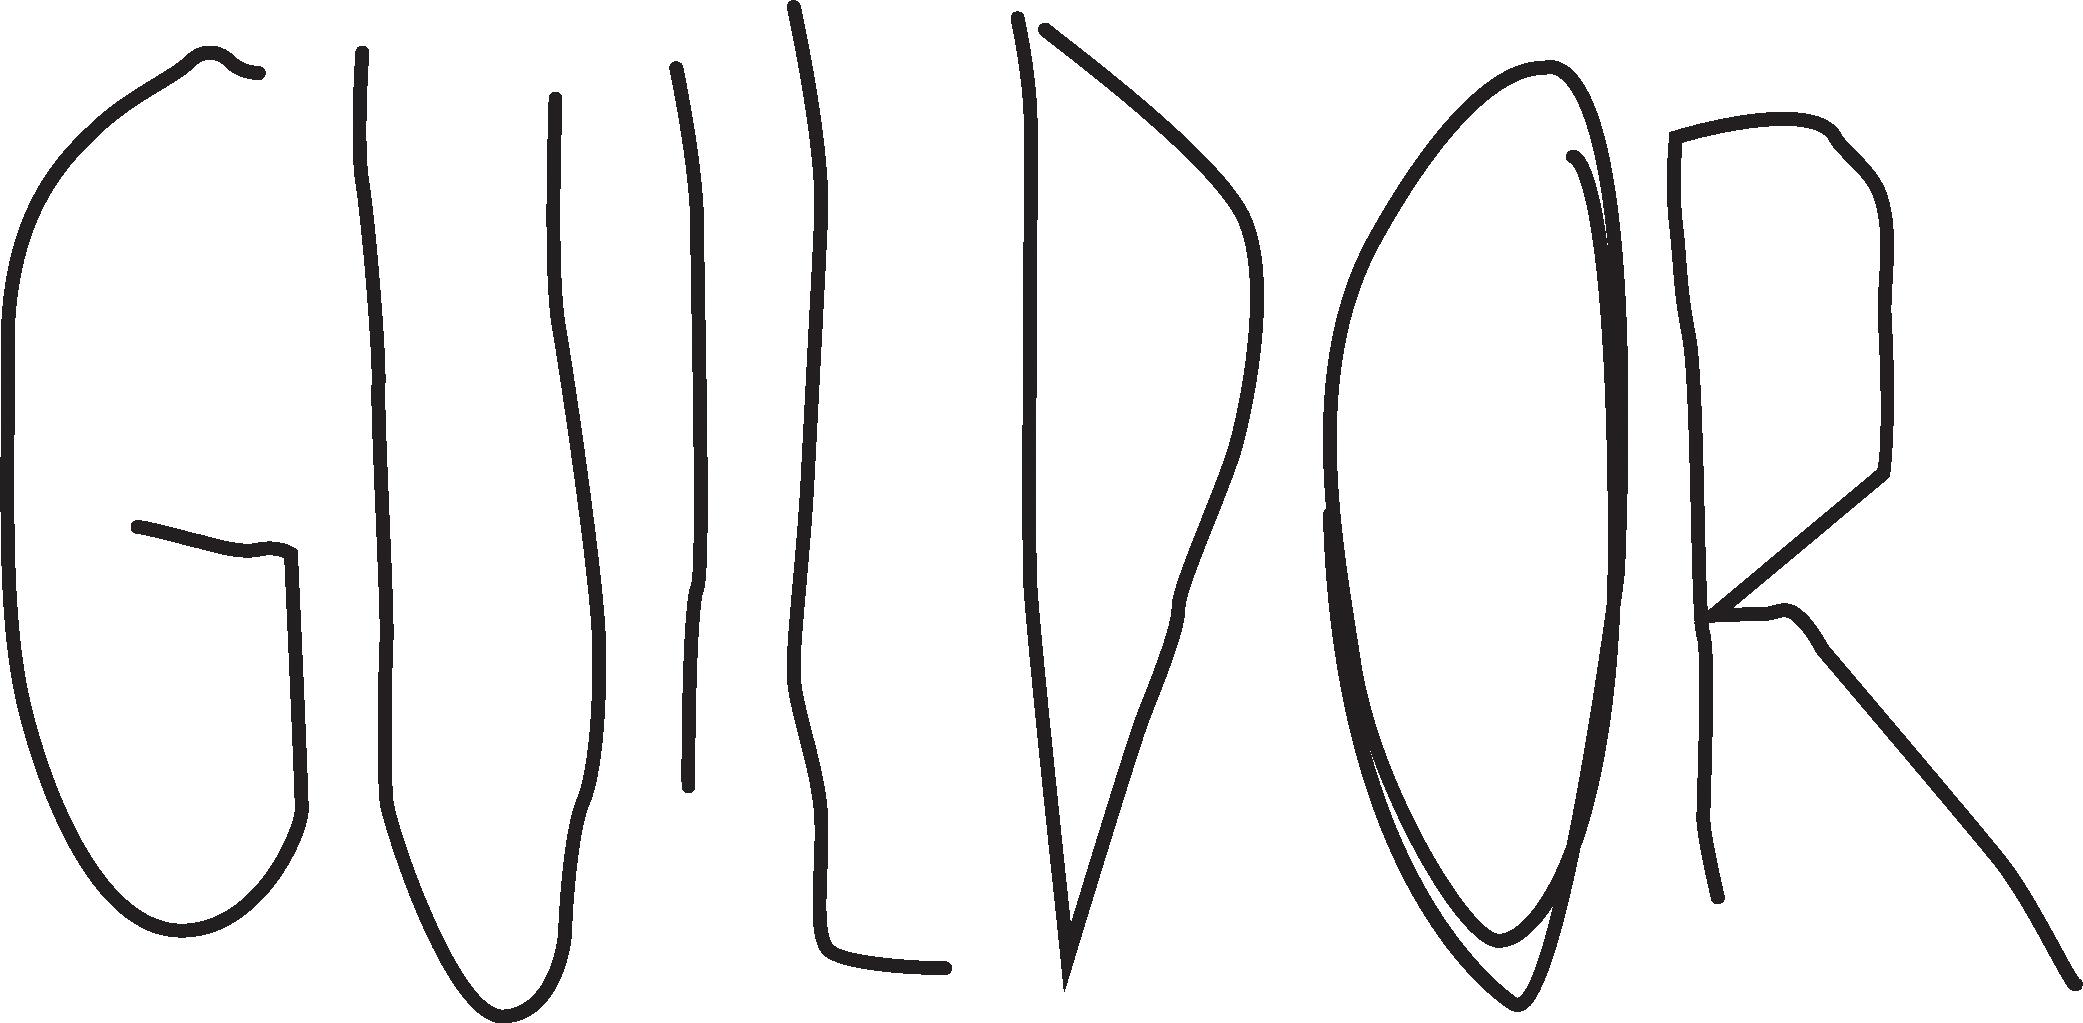 http://www.guildor.com